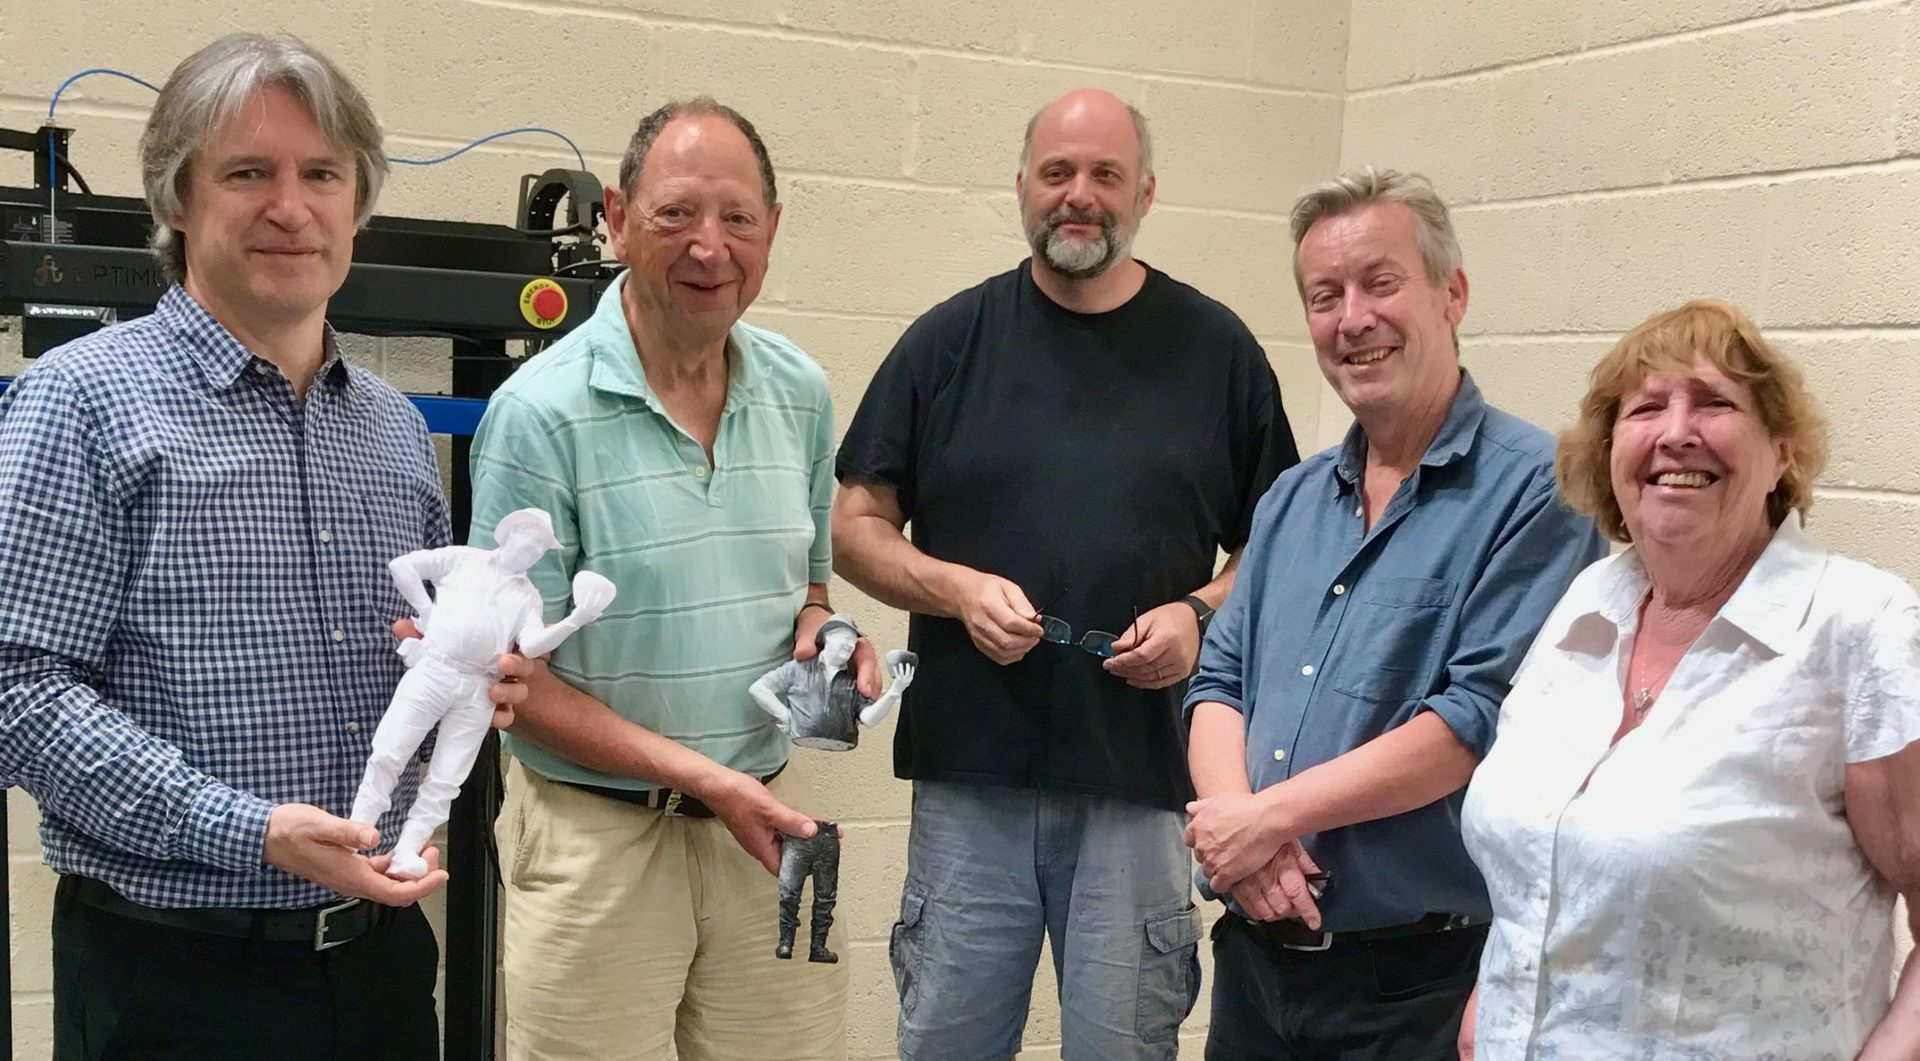 Members of the Hidden Figures project team